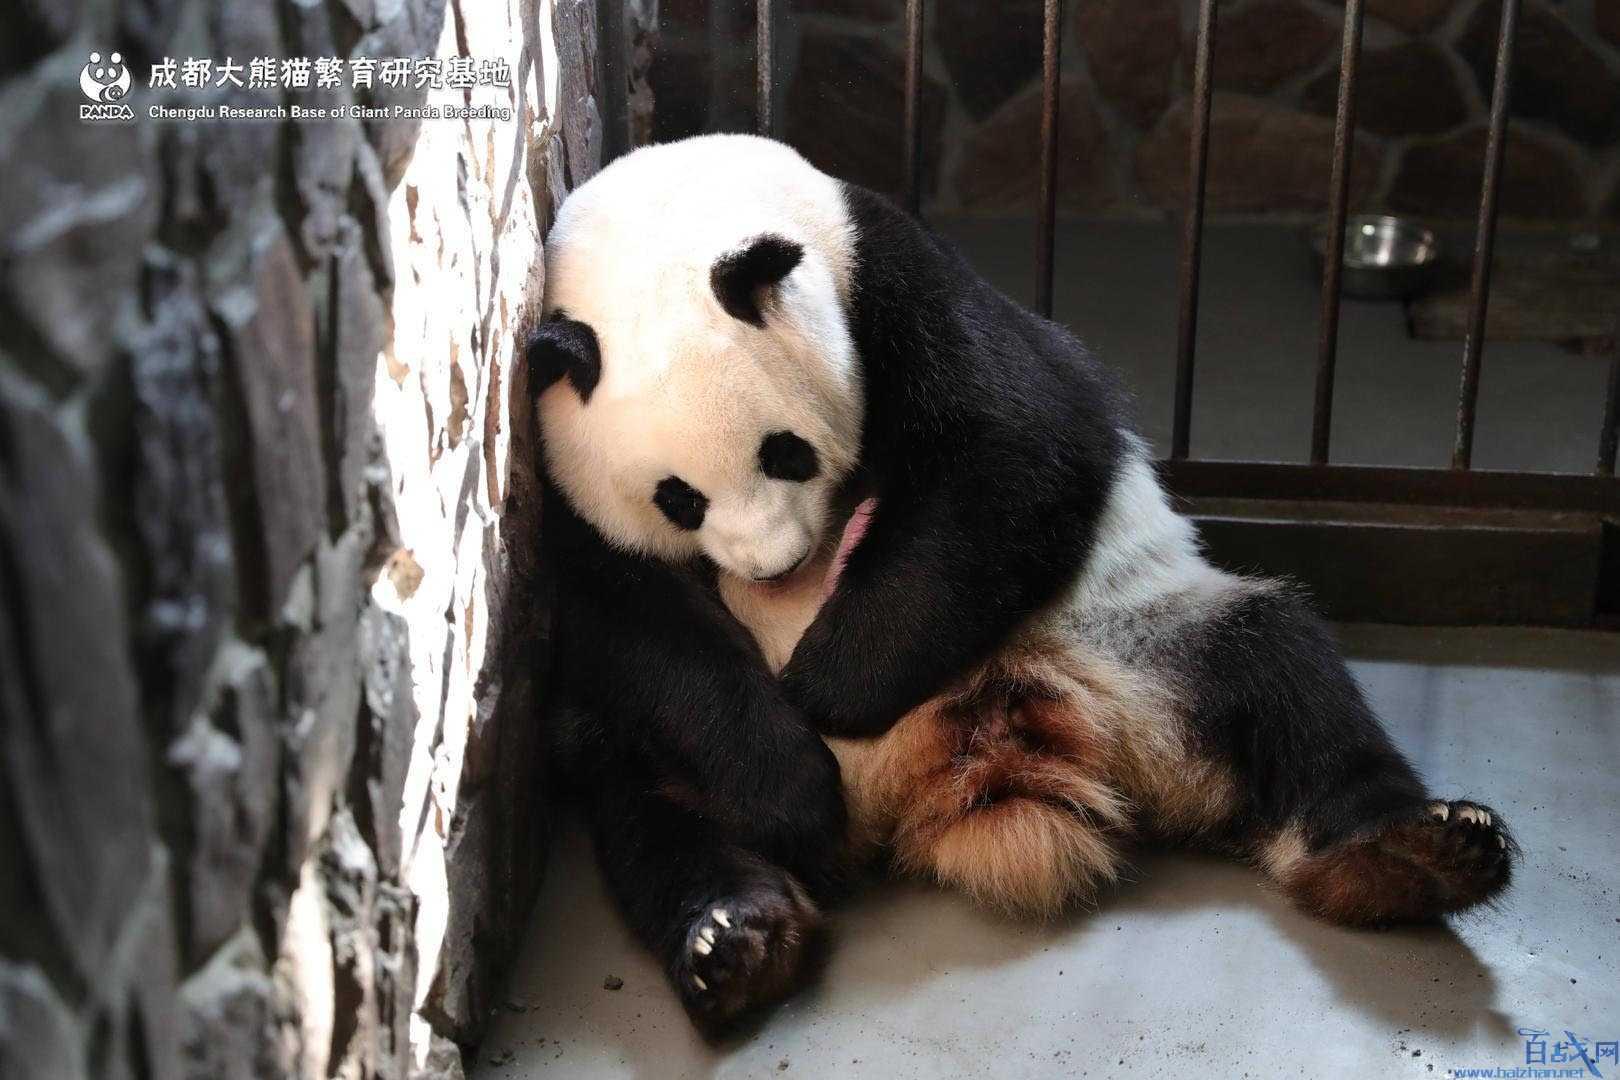 圈養大熊貓出生,2019首只圈養大熊貓出生,大熊貓